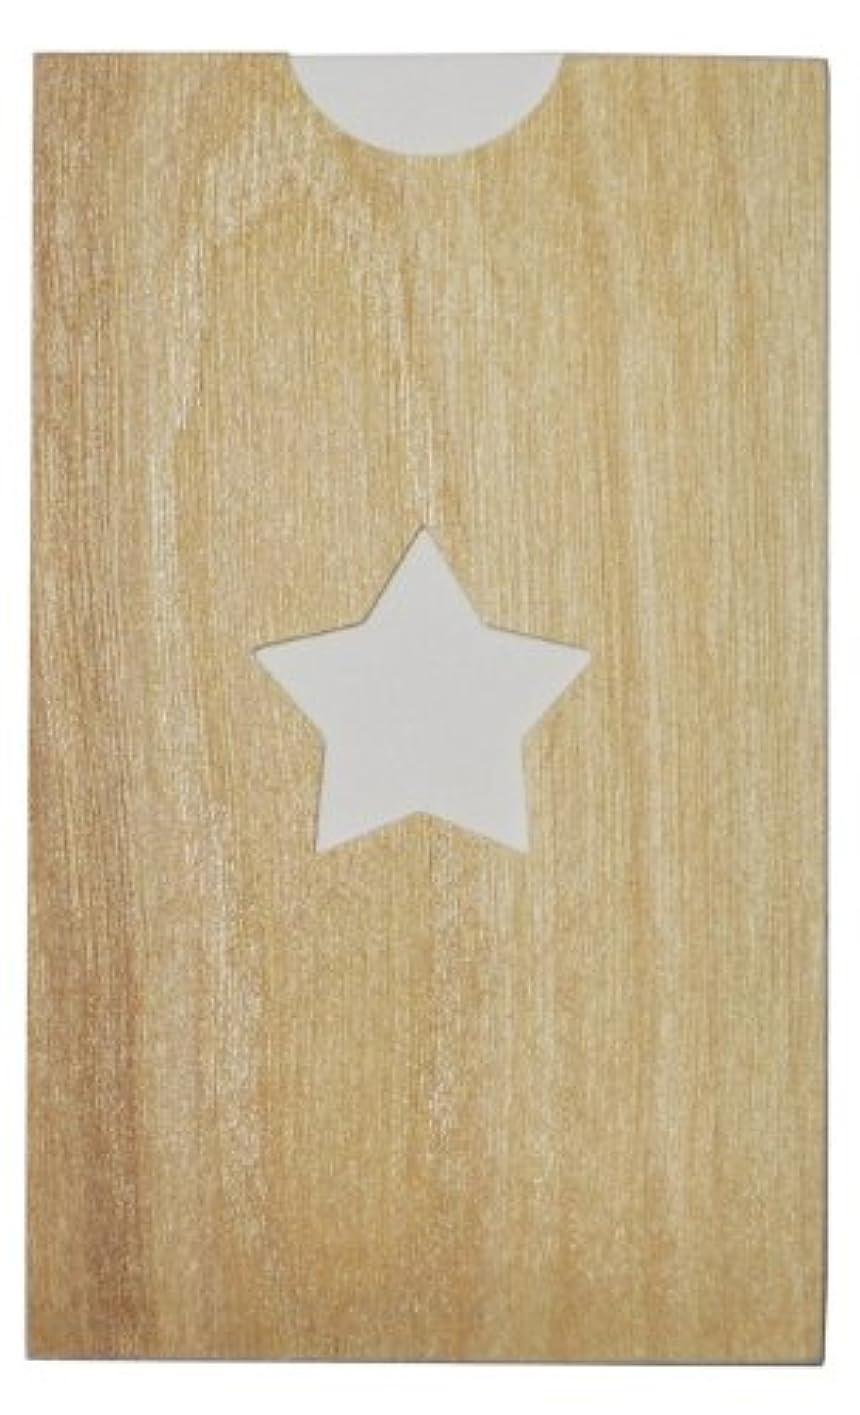 囲いしわコスチュームyuica(ユイカ) 香りのカード /星(ヒノキのシートケース+ムエット紙10枚)